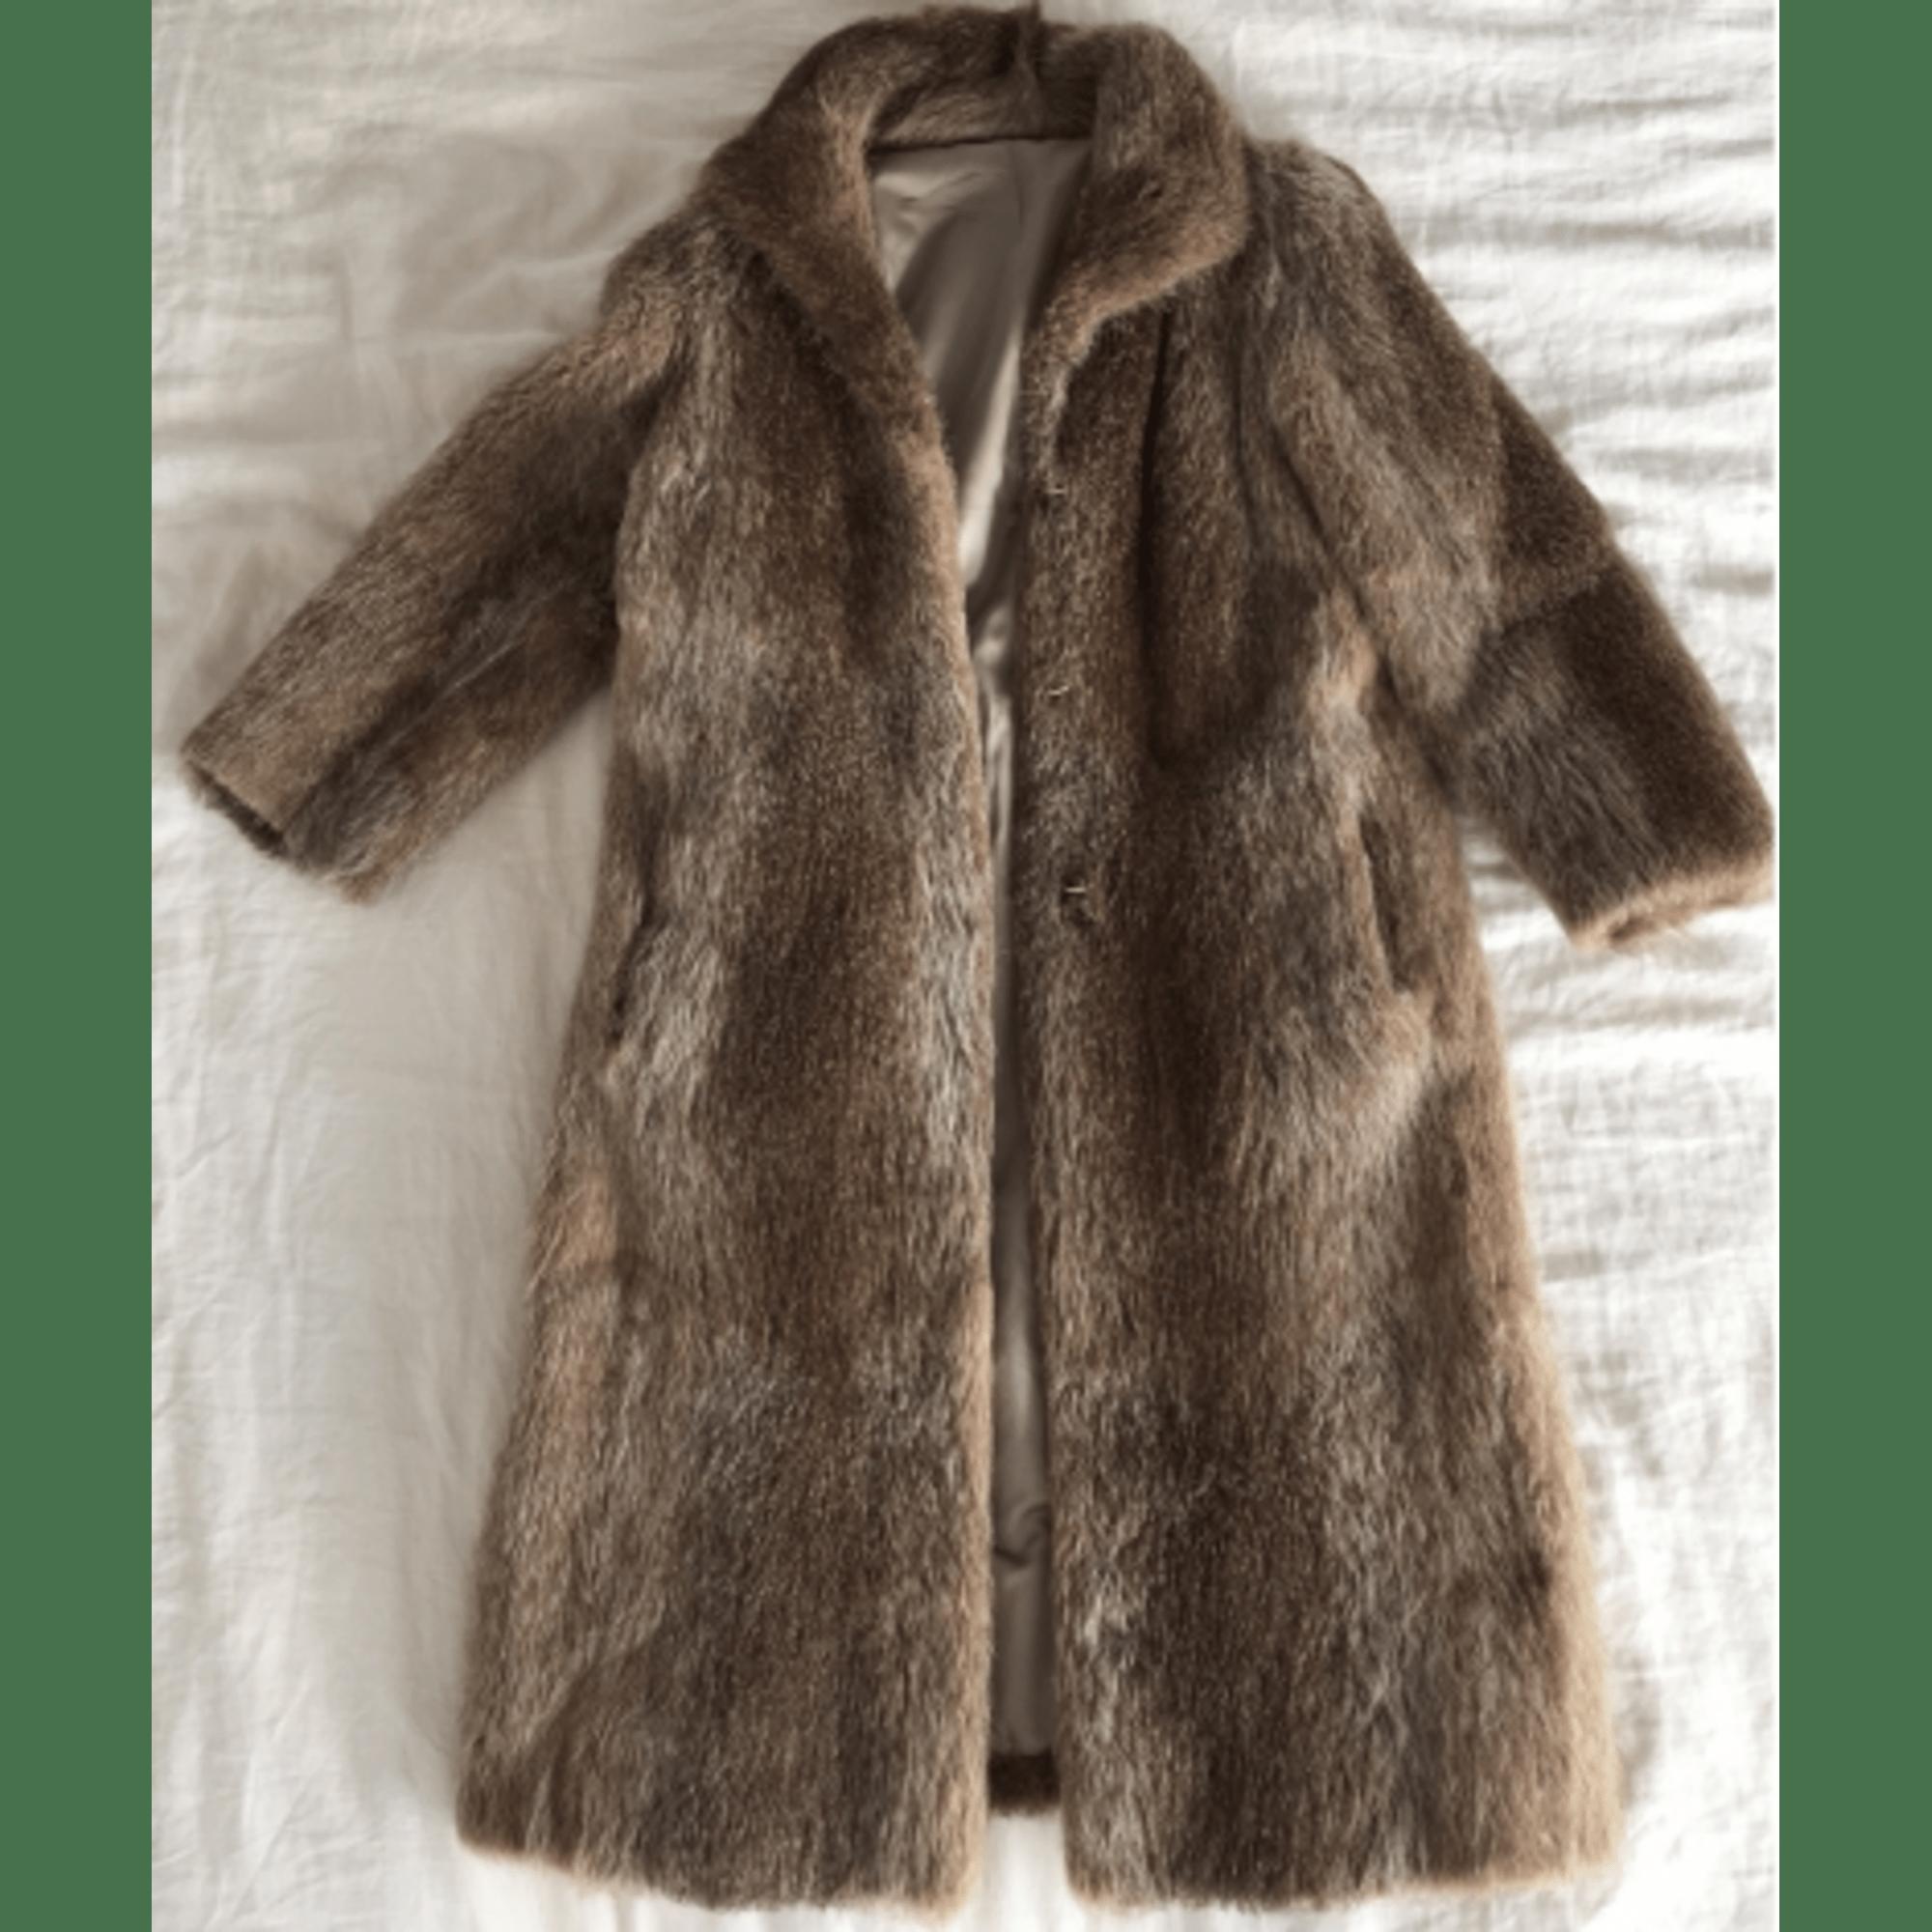 achat manteau fourrures nord